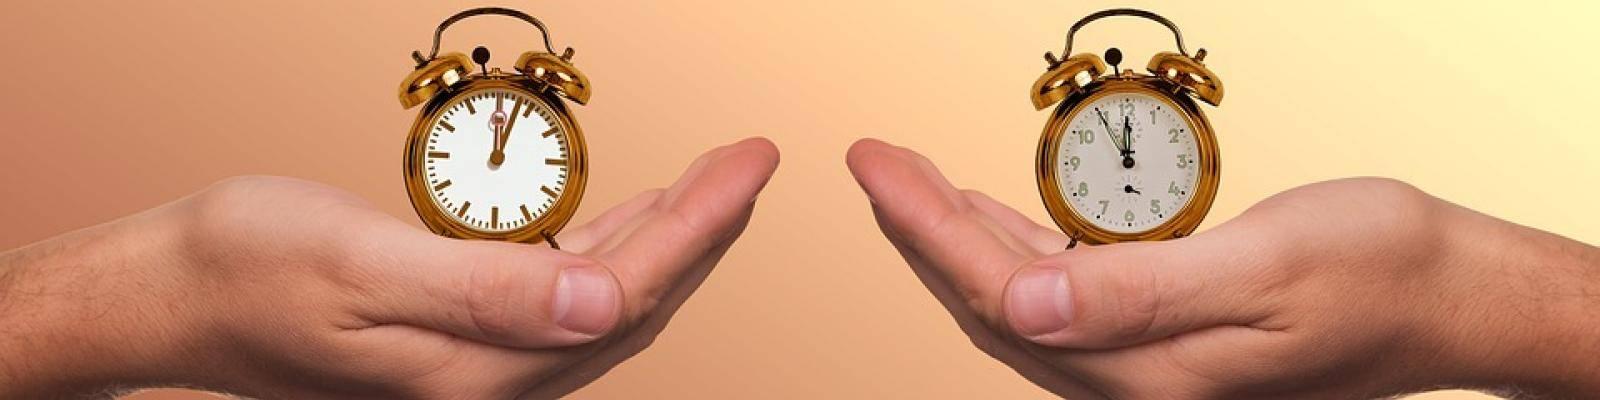 handen met klok